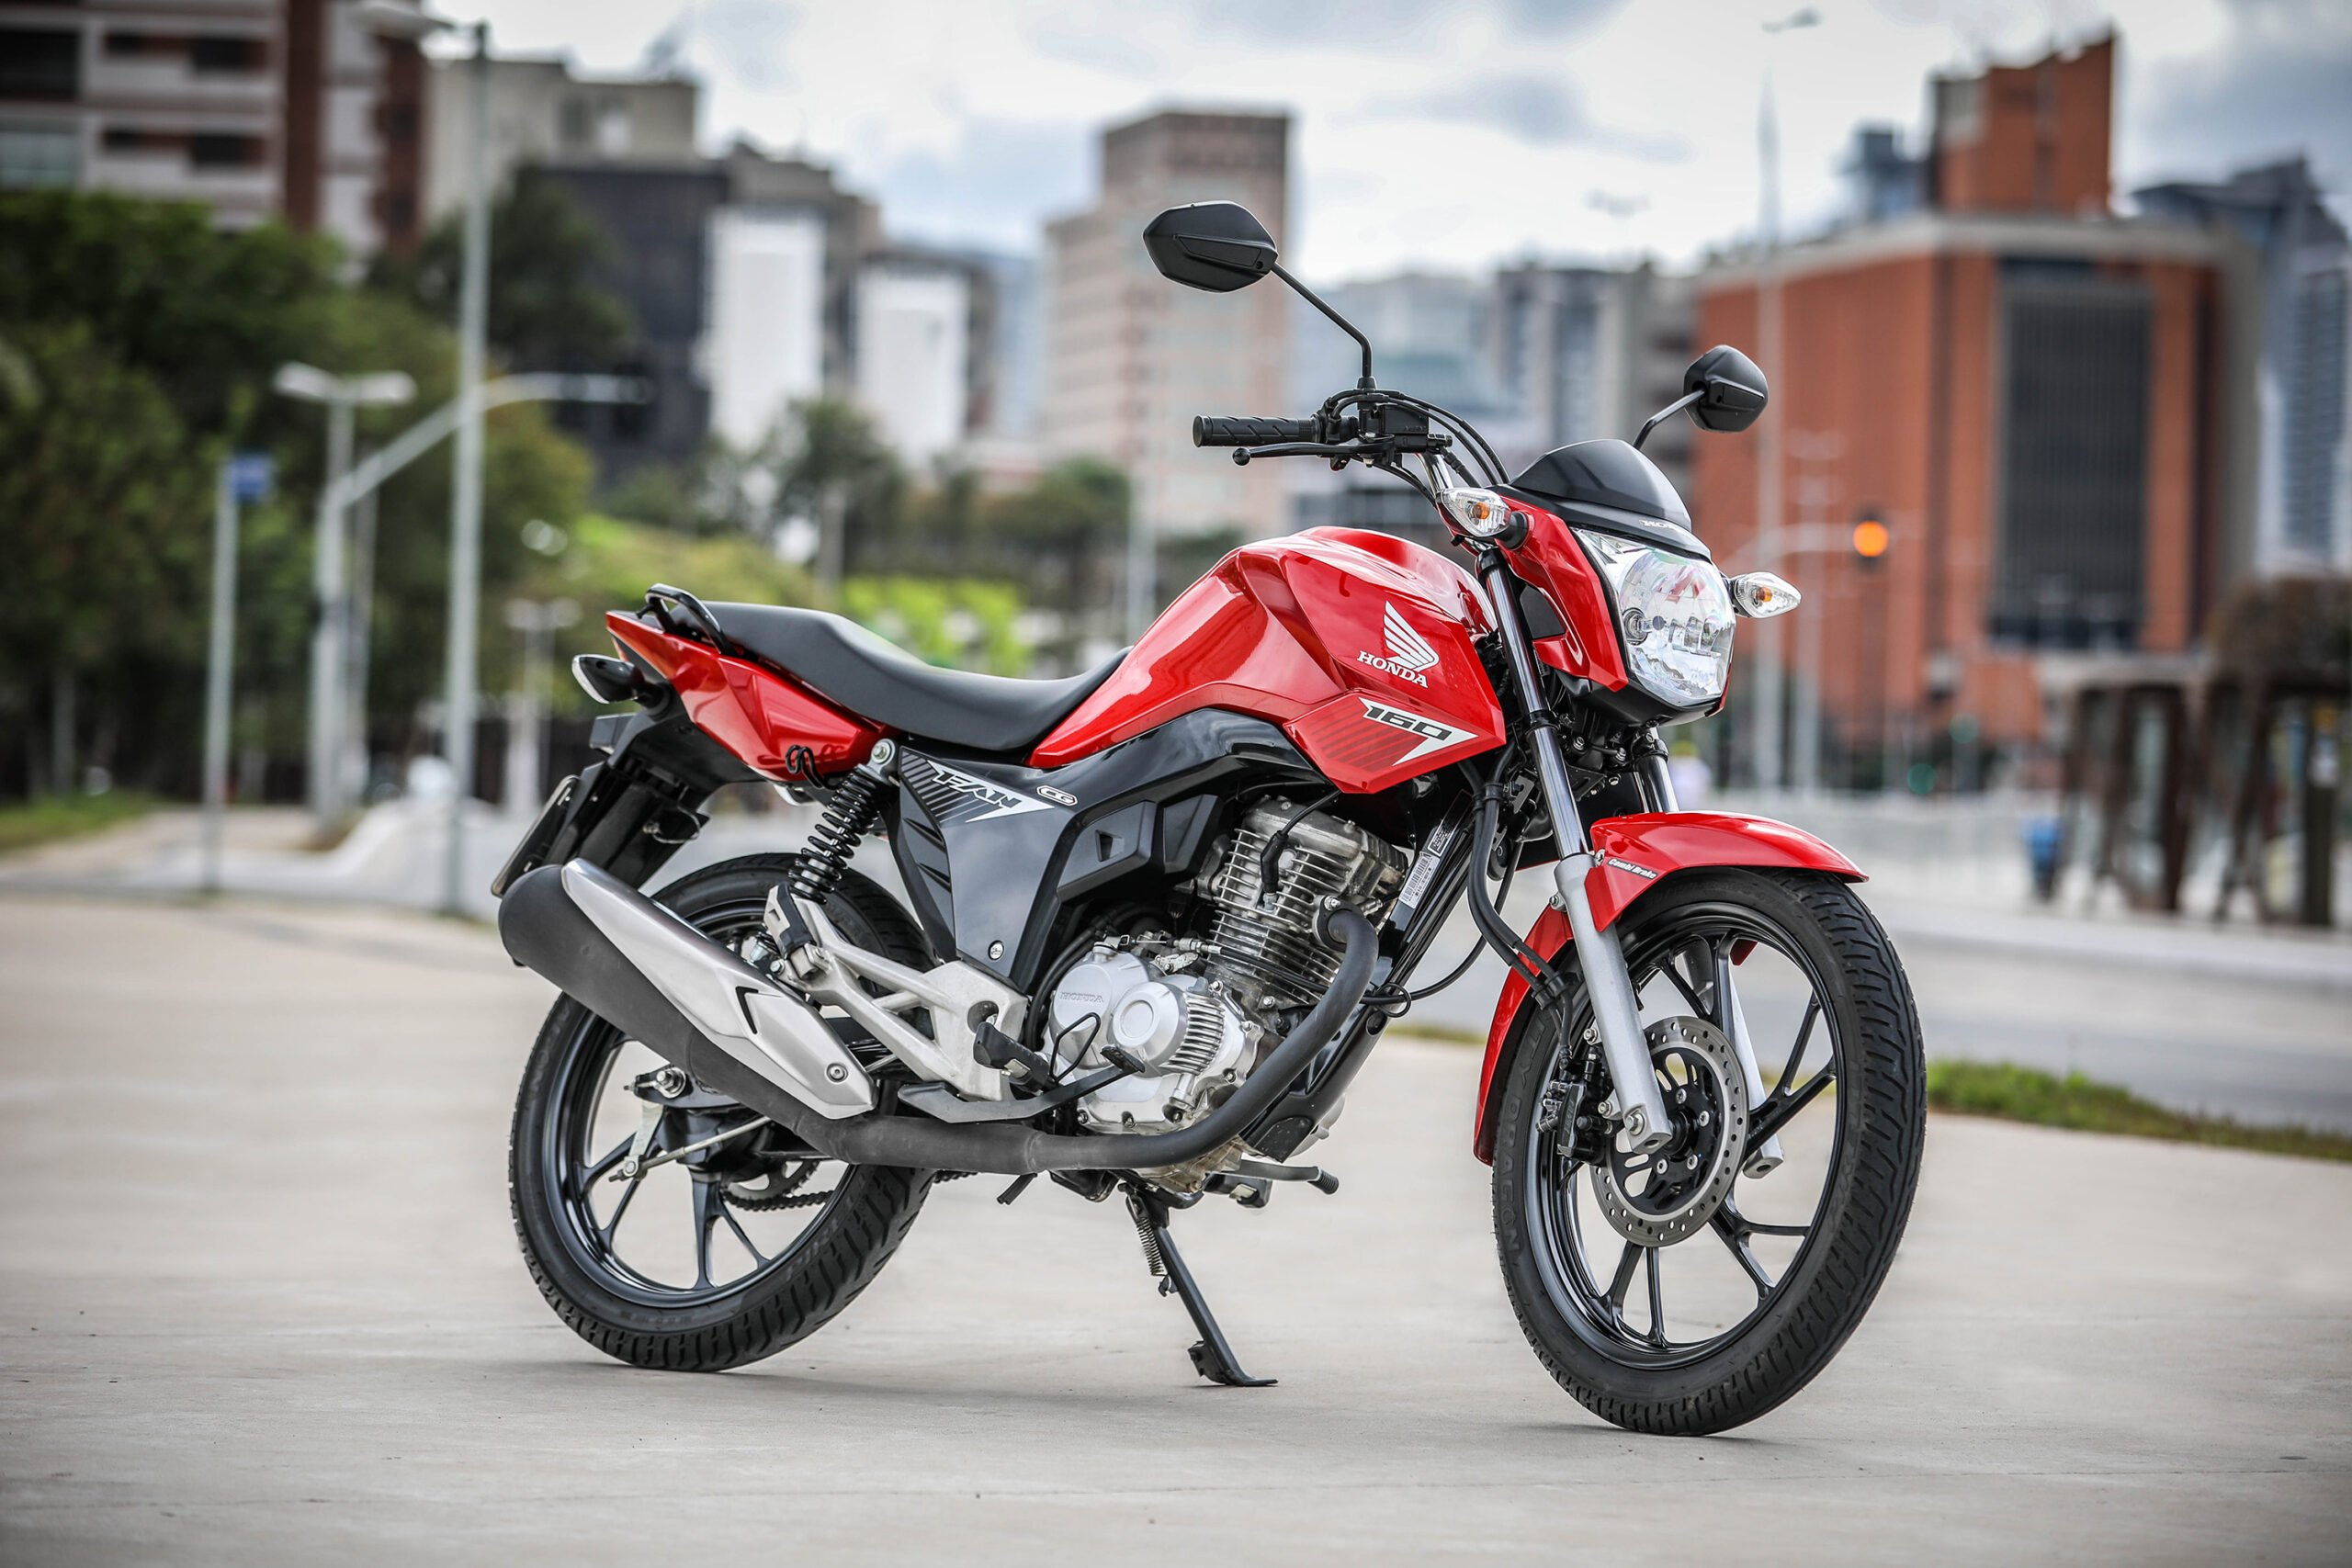 Honda CG 160 vence prêmio 'Selo Maior Valor de Revenda'